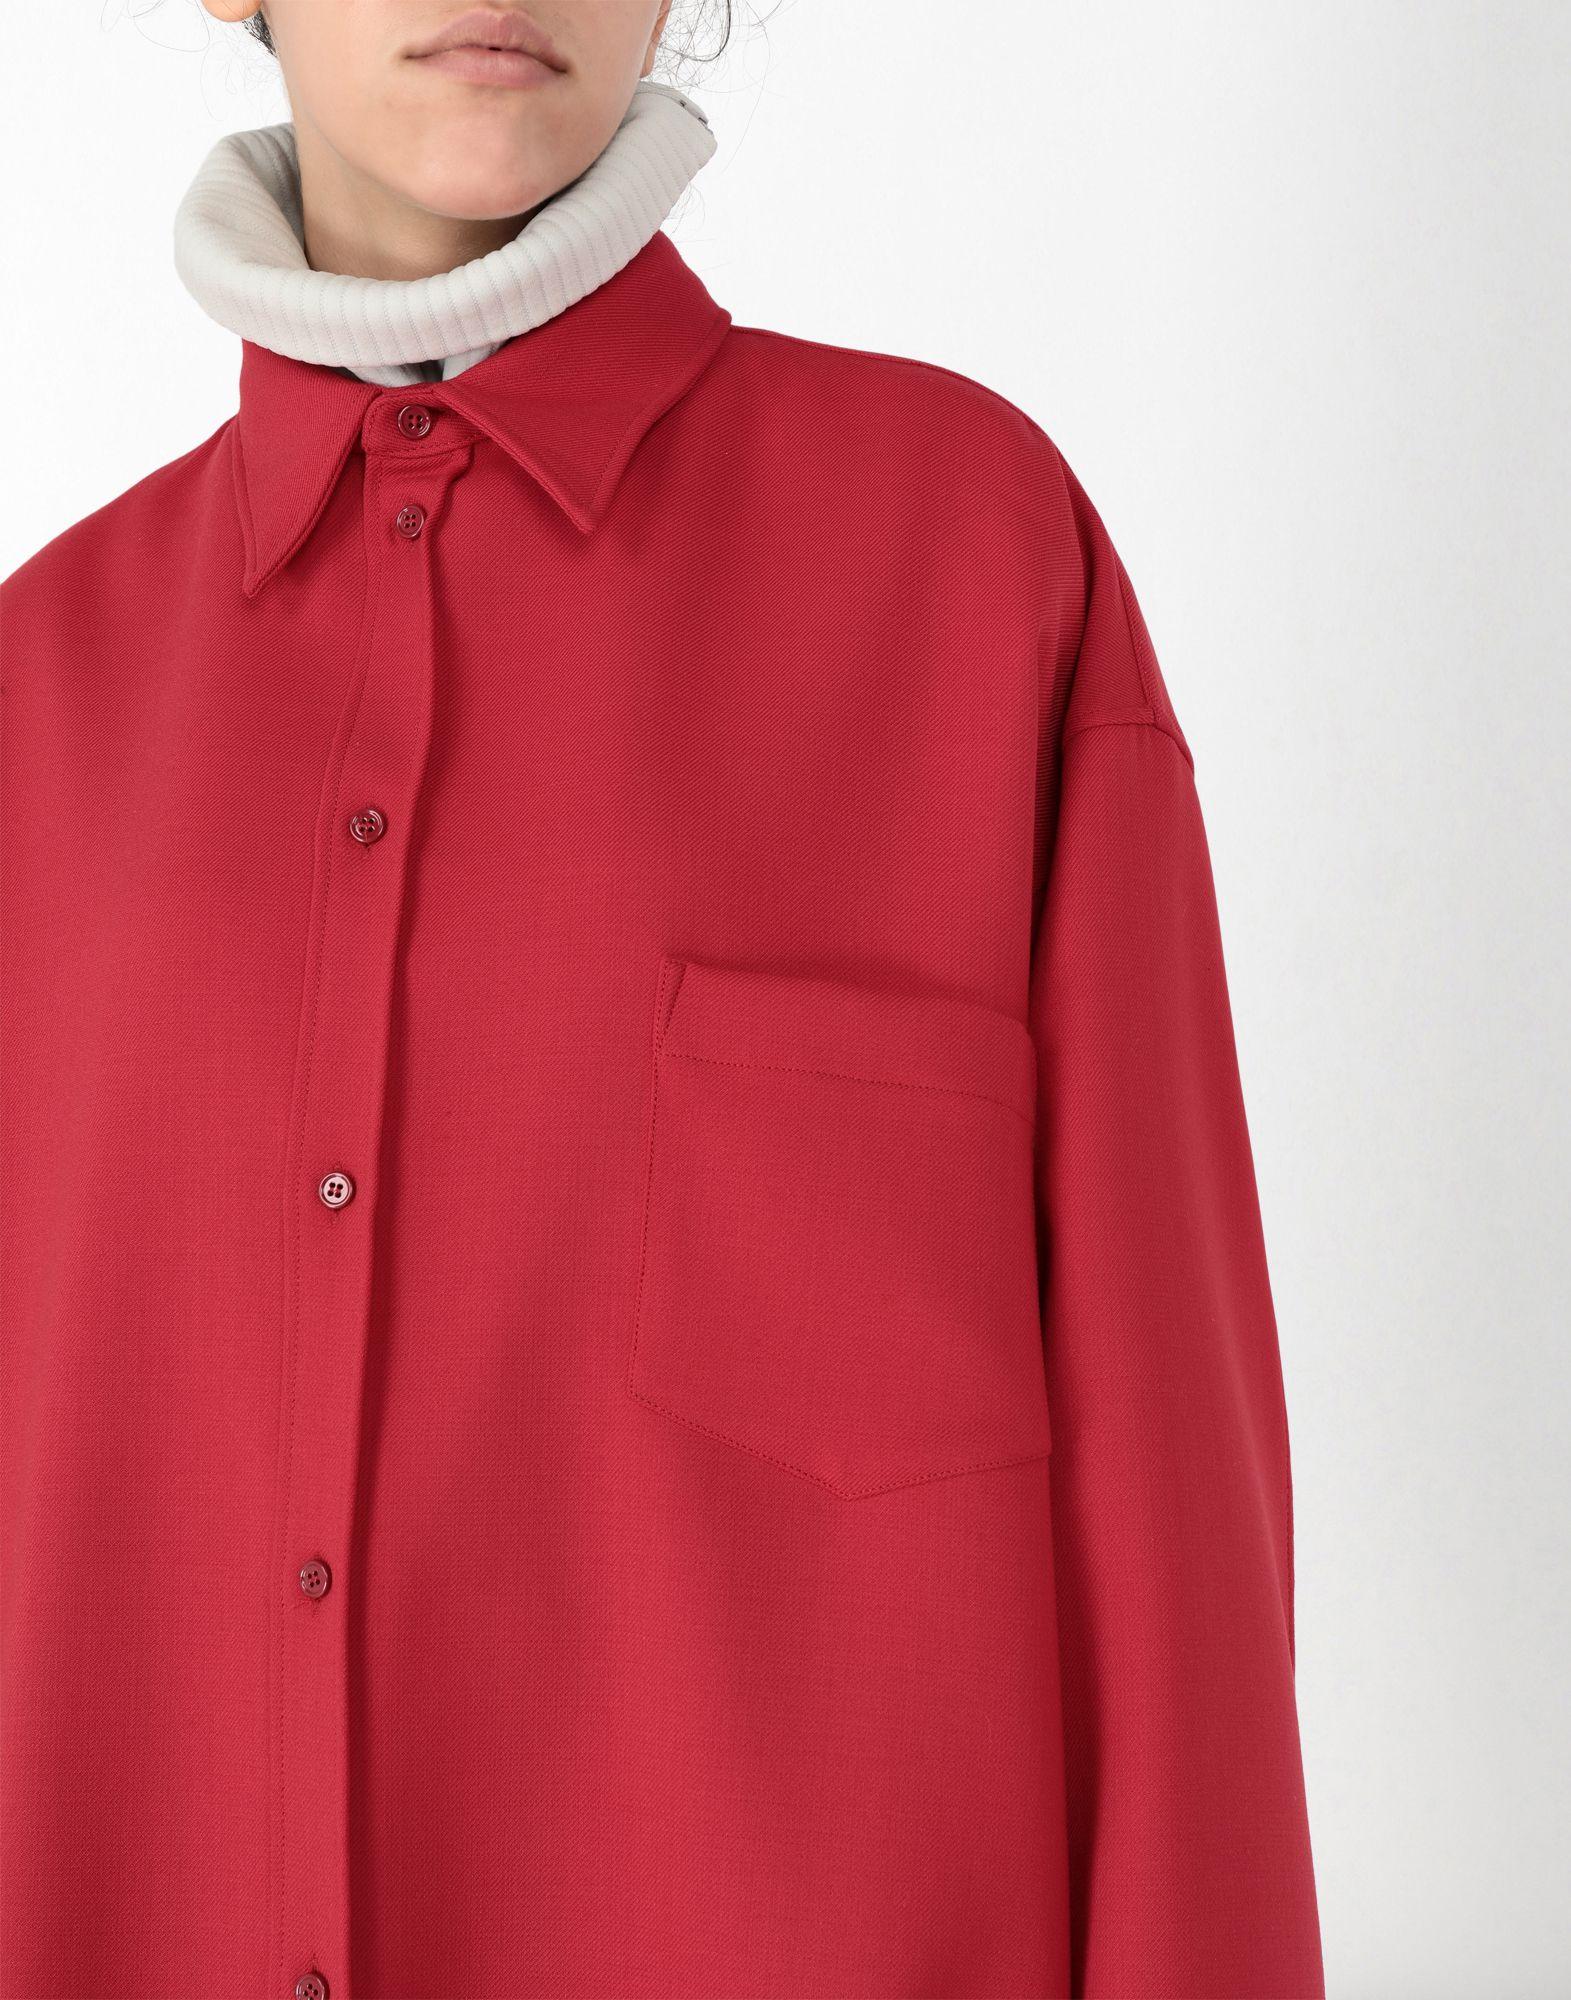 MM6 MAISON MARGIELA Shirt dress Short dress Woman e